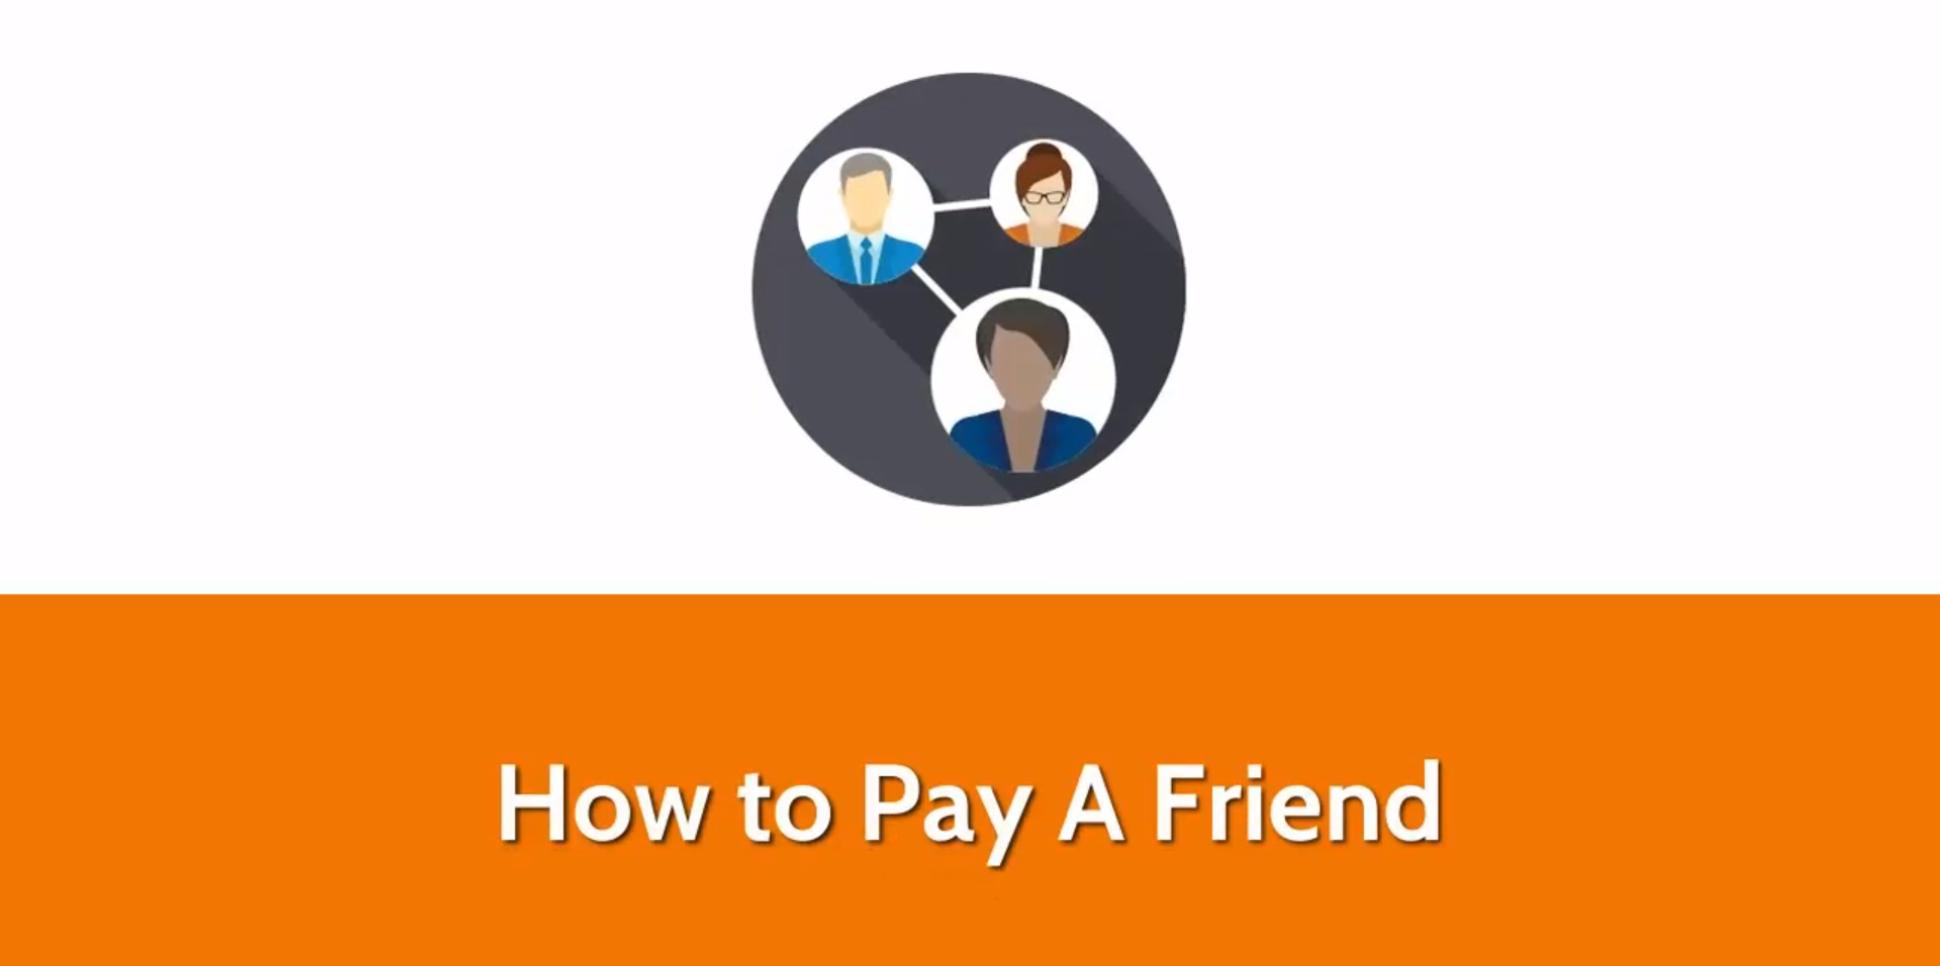 Pay a Friend